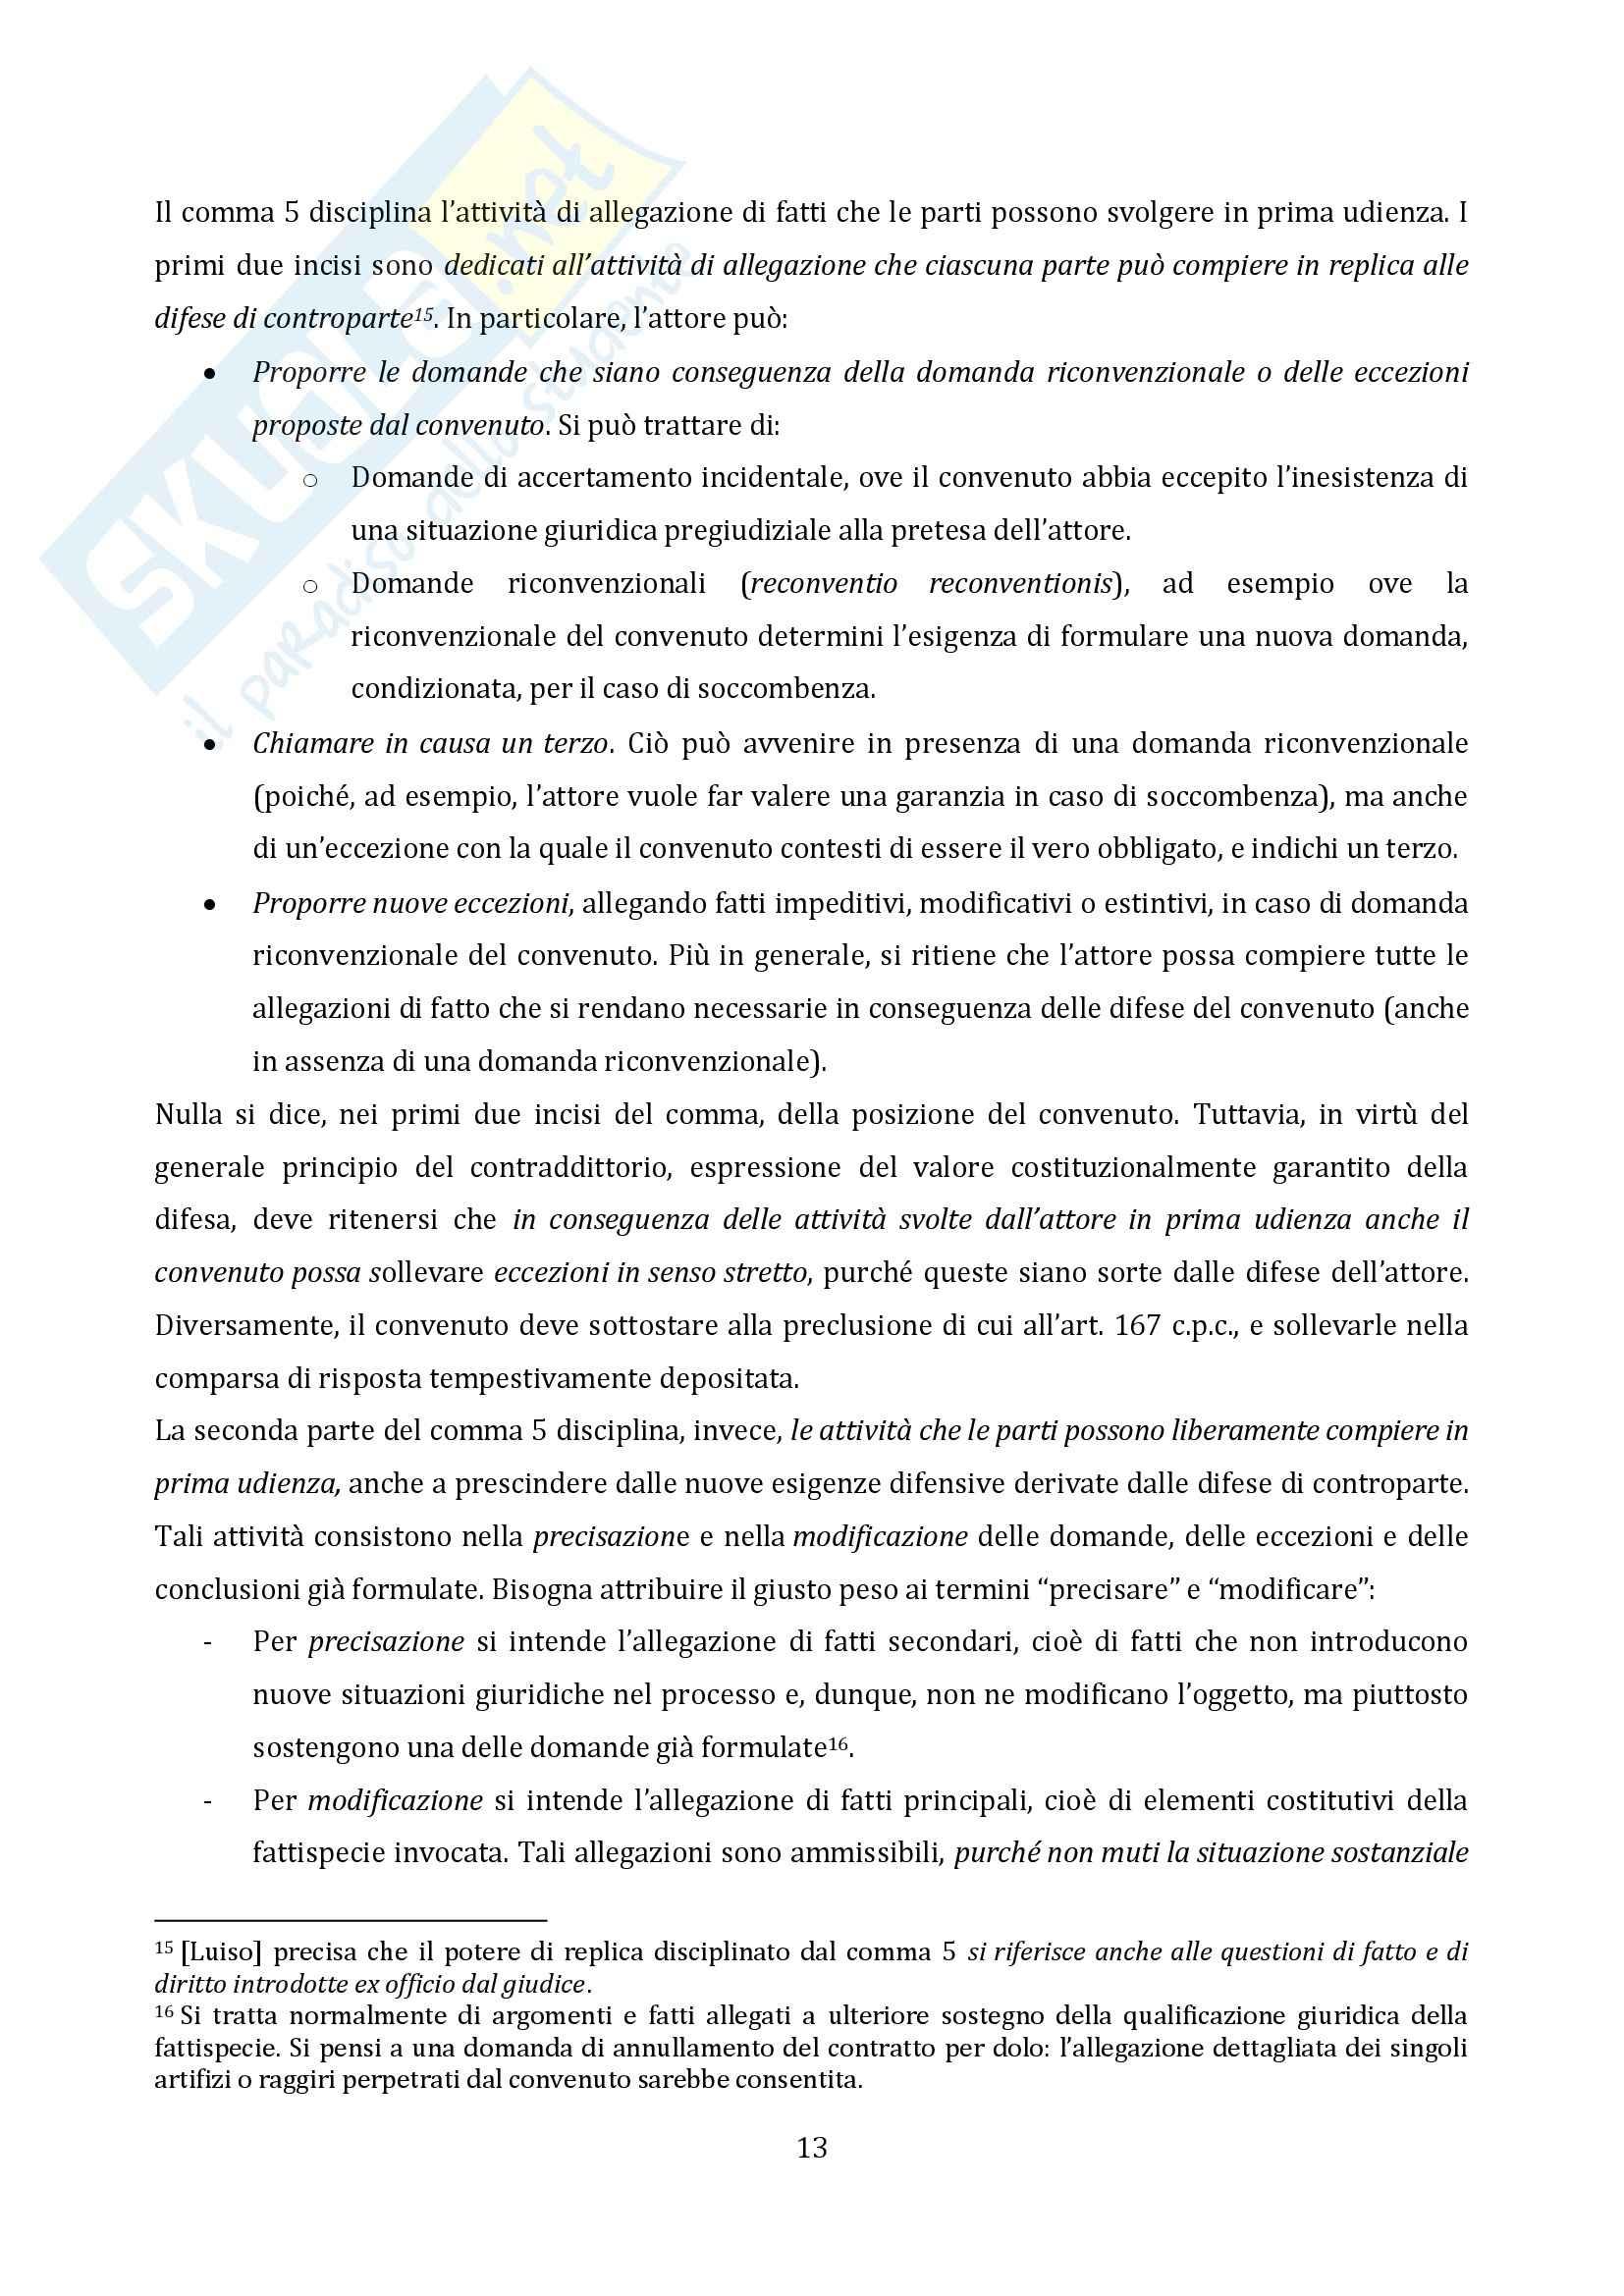 Riassunto esame Diritto Processuale Civile, Il Processo di Cognizione, prof. Vaccarella Pag. 11